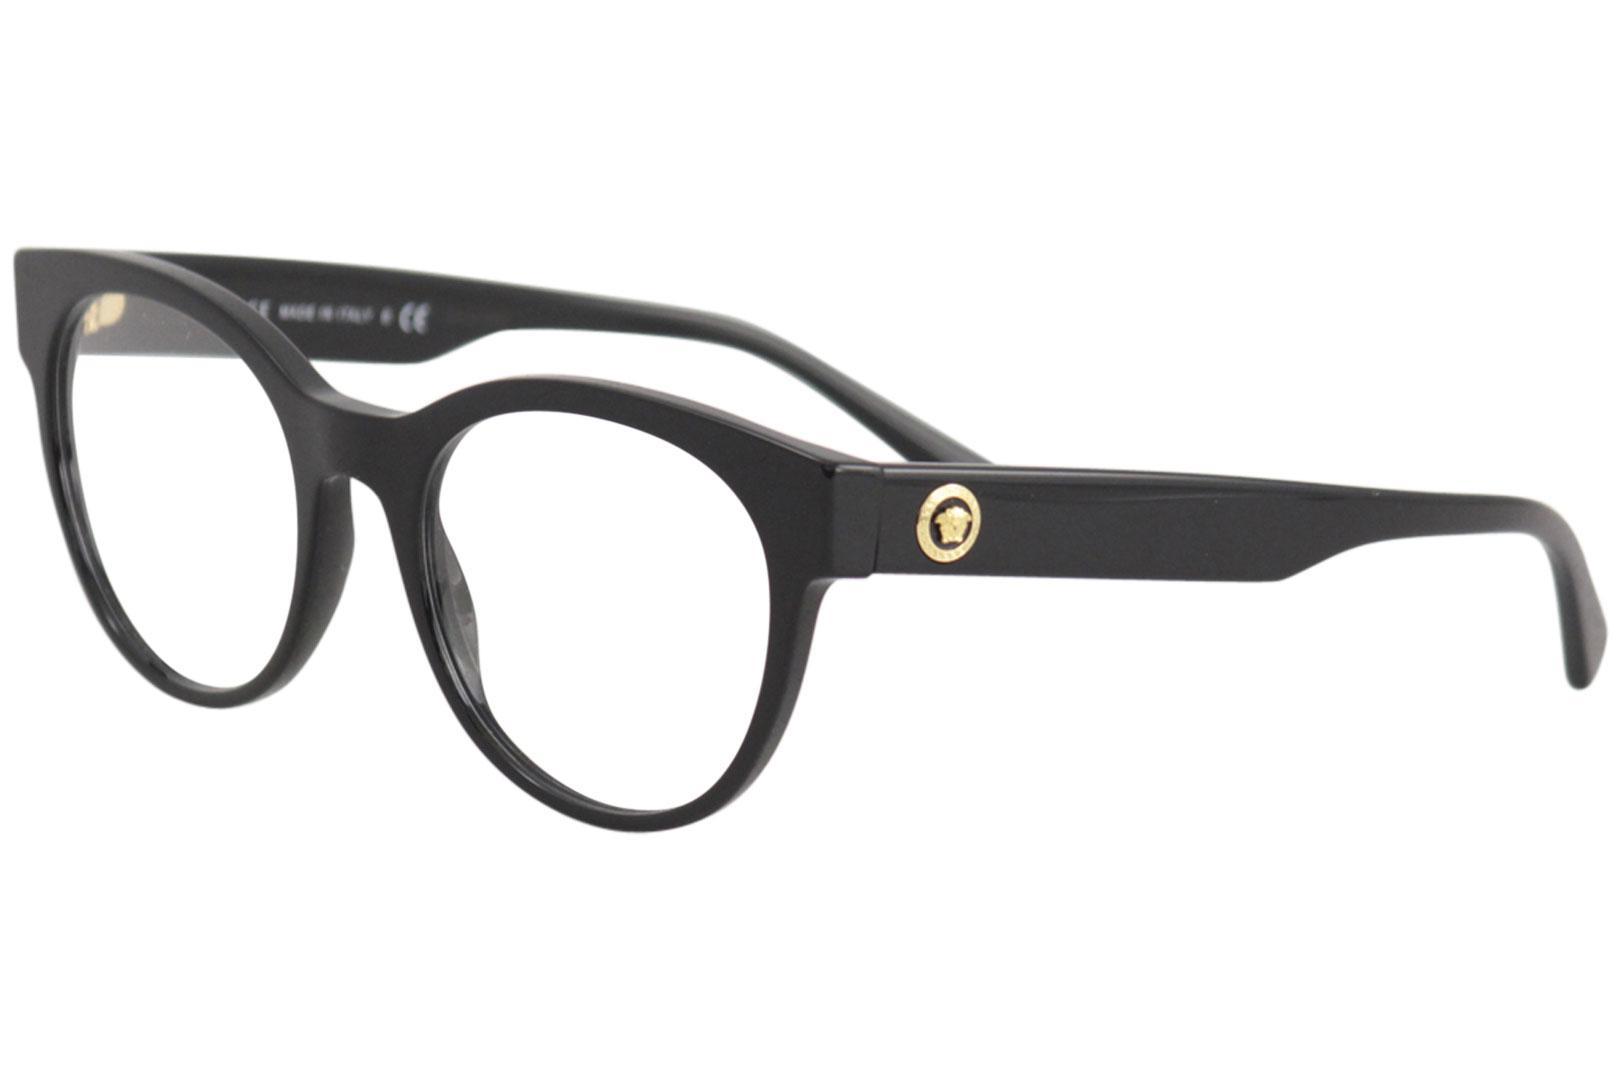 a32988b6fe21 Versace Women s Eyeglasses VE3268 VE 3268 Full Rim Optical Frame